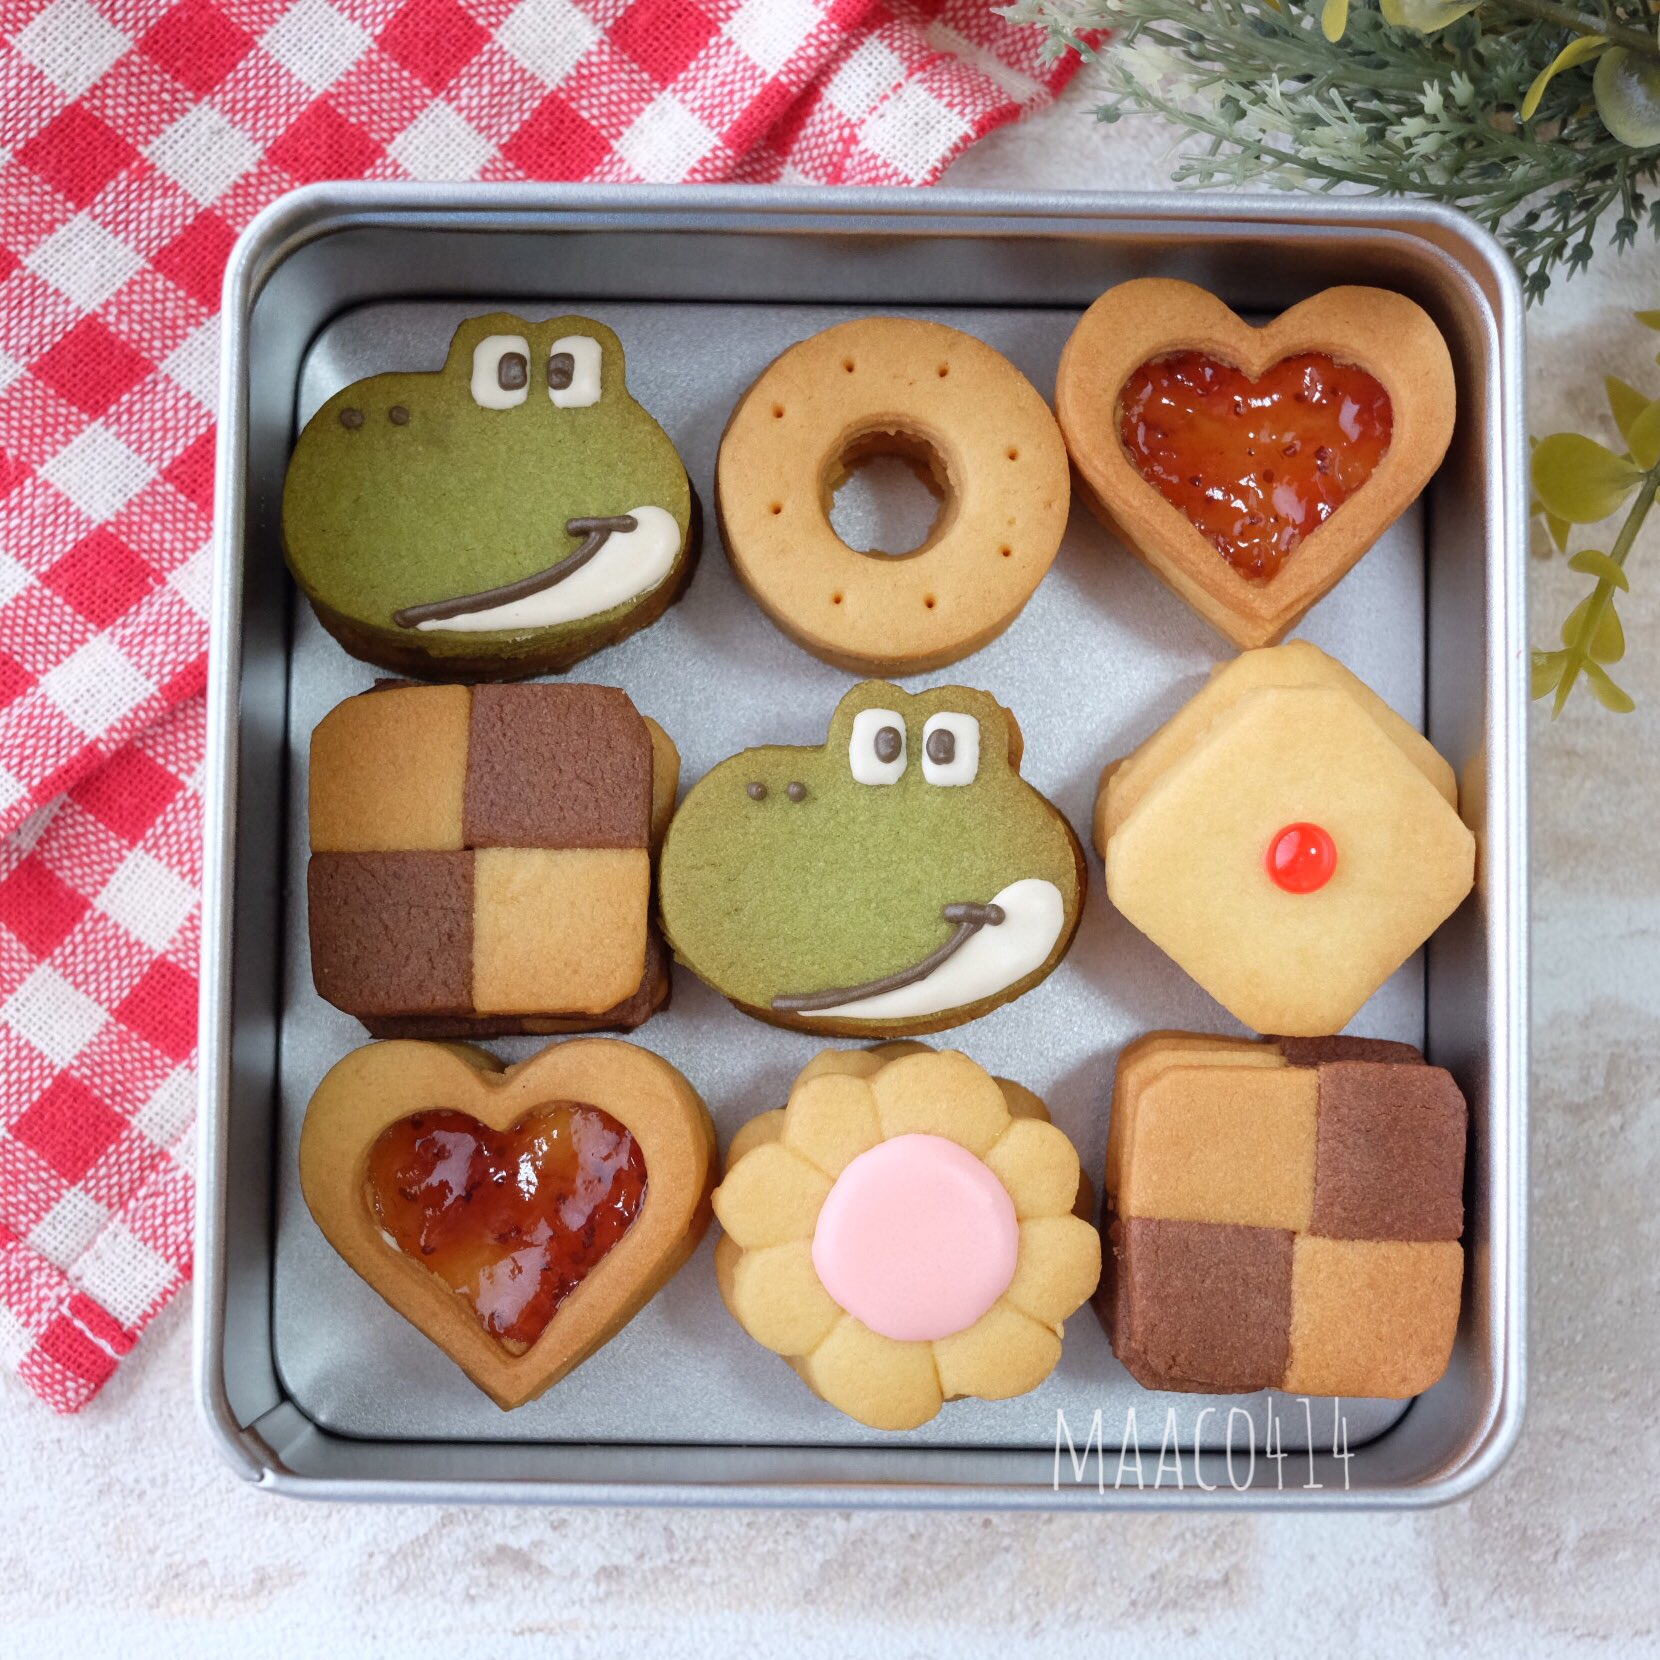 ヨッシーのクッキー完成❣️ 抹茶ヨッシーもかぼちゃヨッシーも、並べてみるとどちらもそれぞれいい感じになりました たくさんご意見いただいてありがとございました